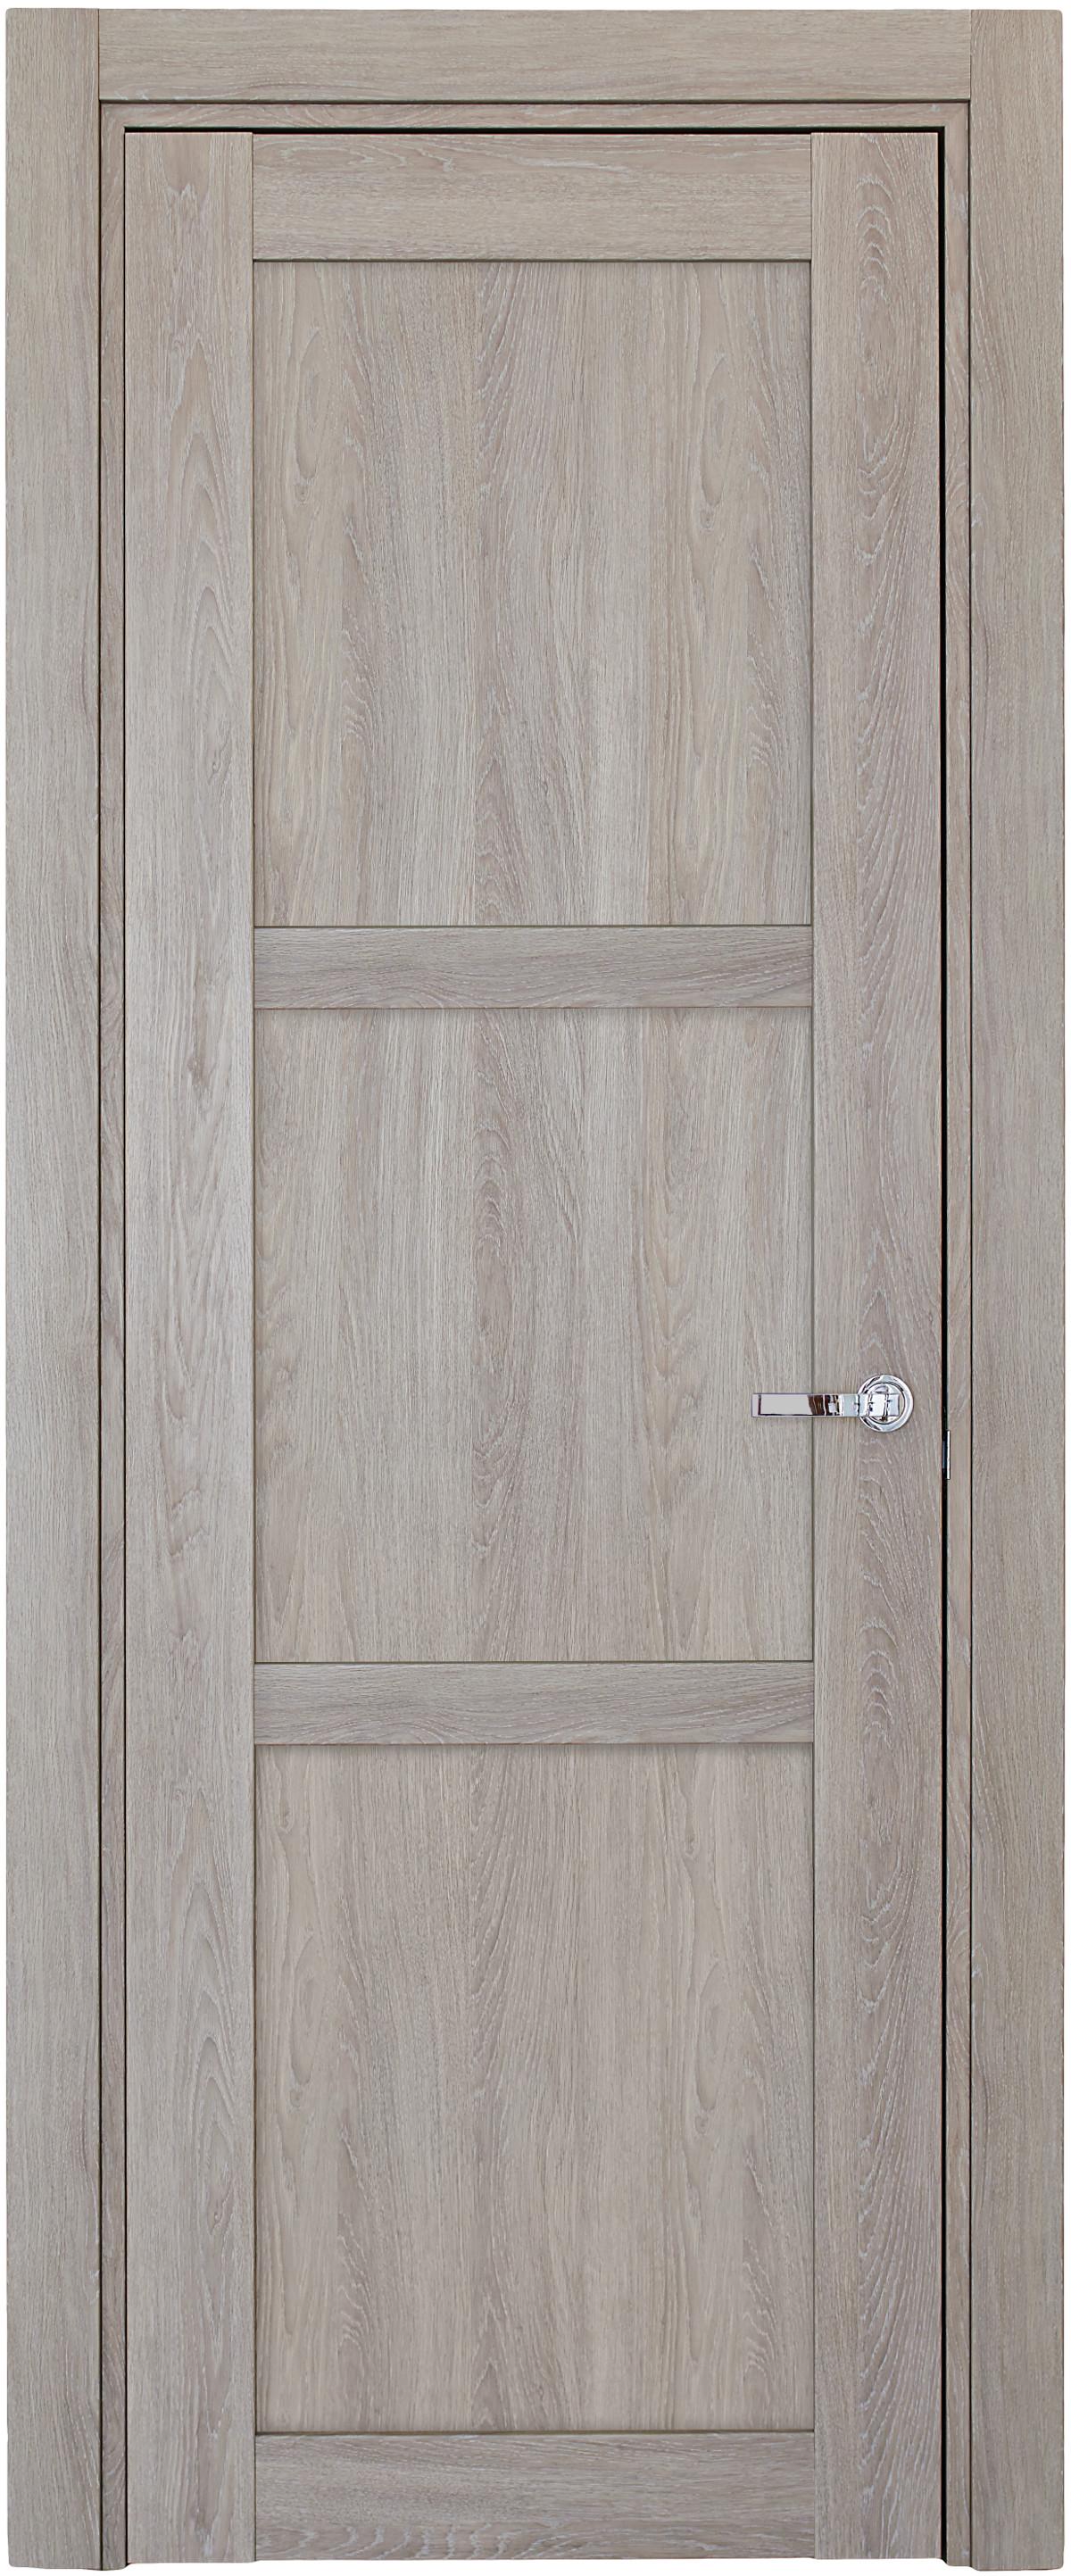 Межкомнатная / входная дверь, отделка: экошпон ДУБ DECAPE, Solo 3B